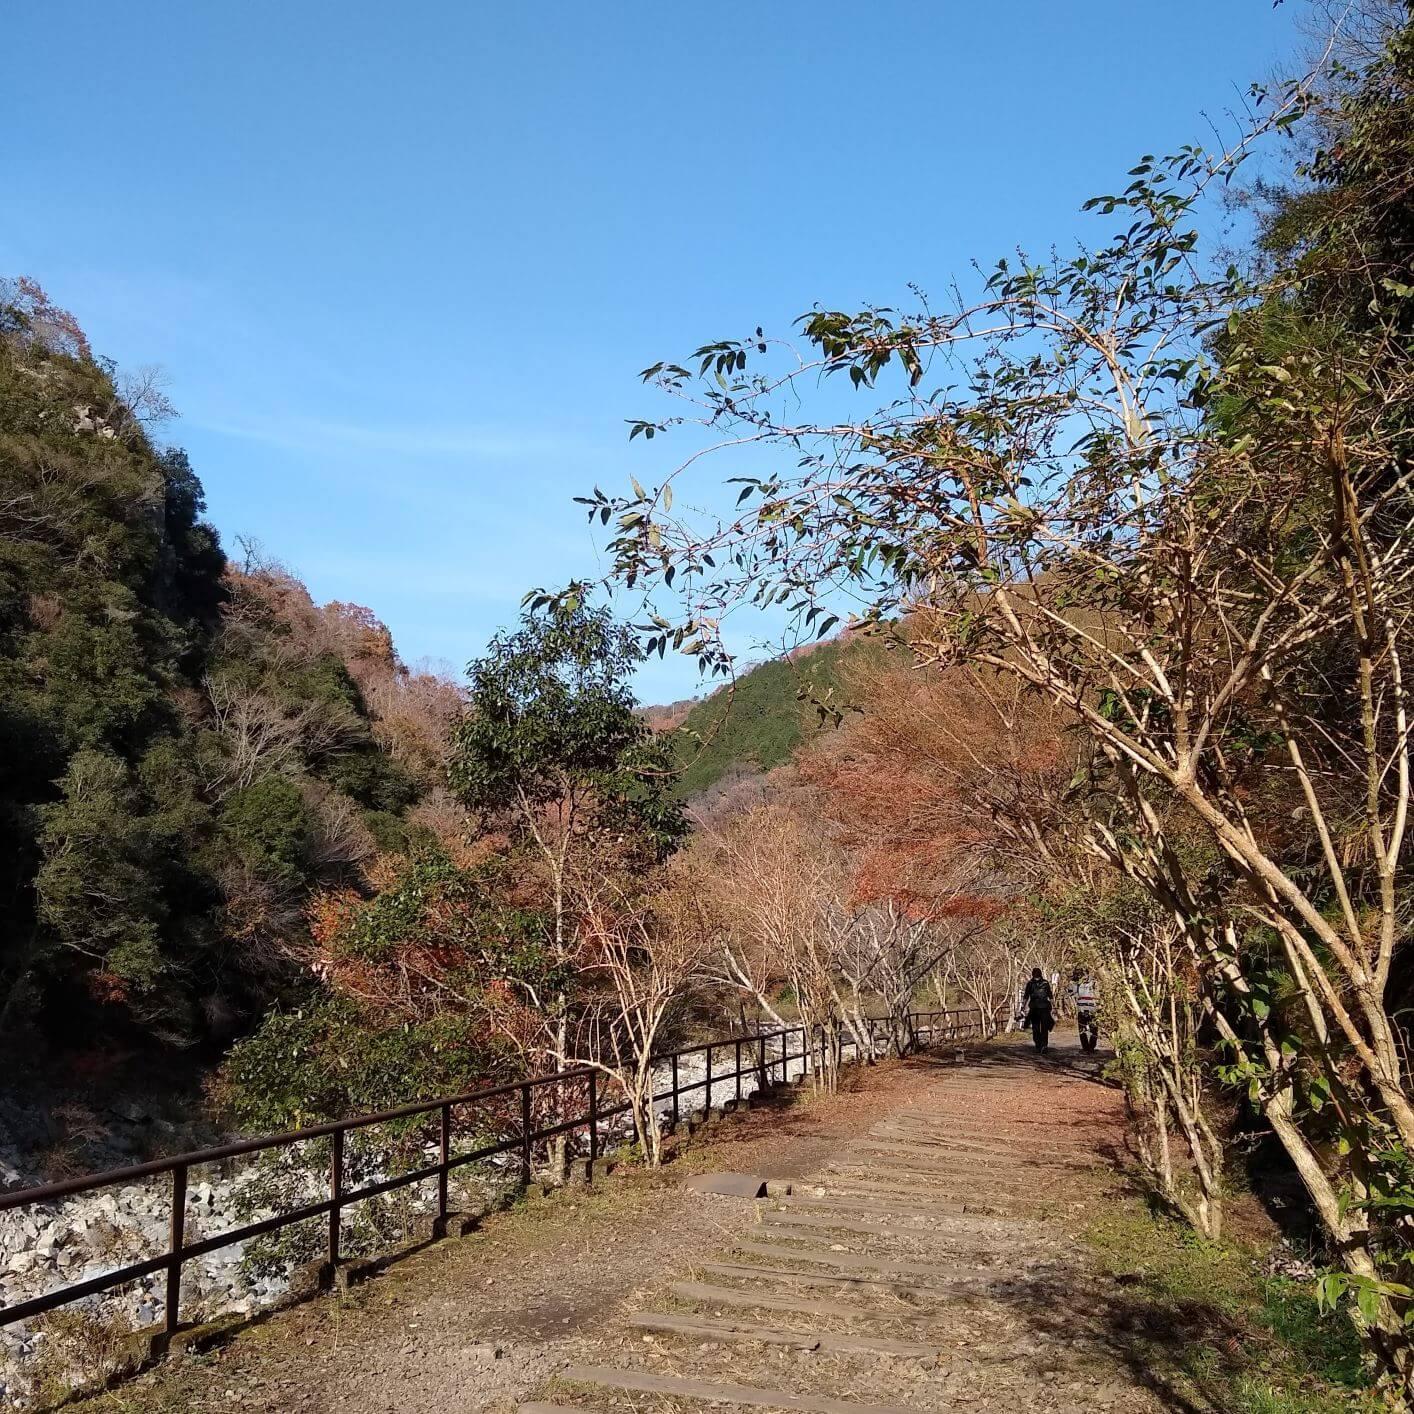 Takedao Train Tracks Trail, Osaka